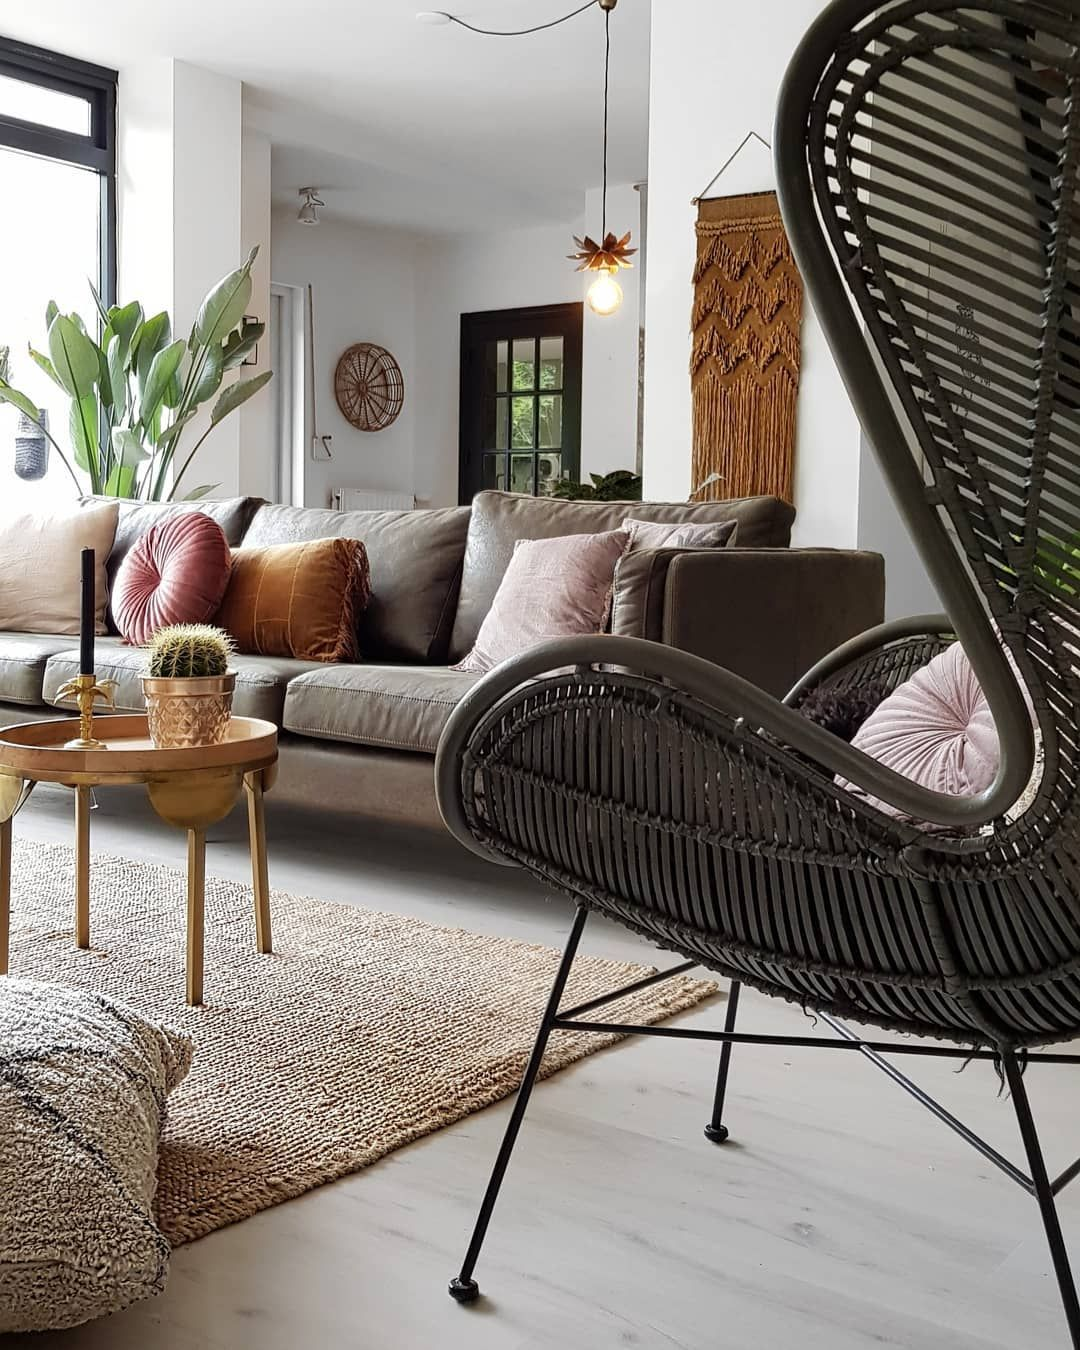 Oud Roze Accessoires Huis.Thea Hogeveen On Instagram Een Kleur Toegevoegd In Huis